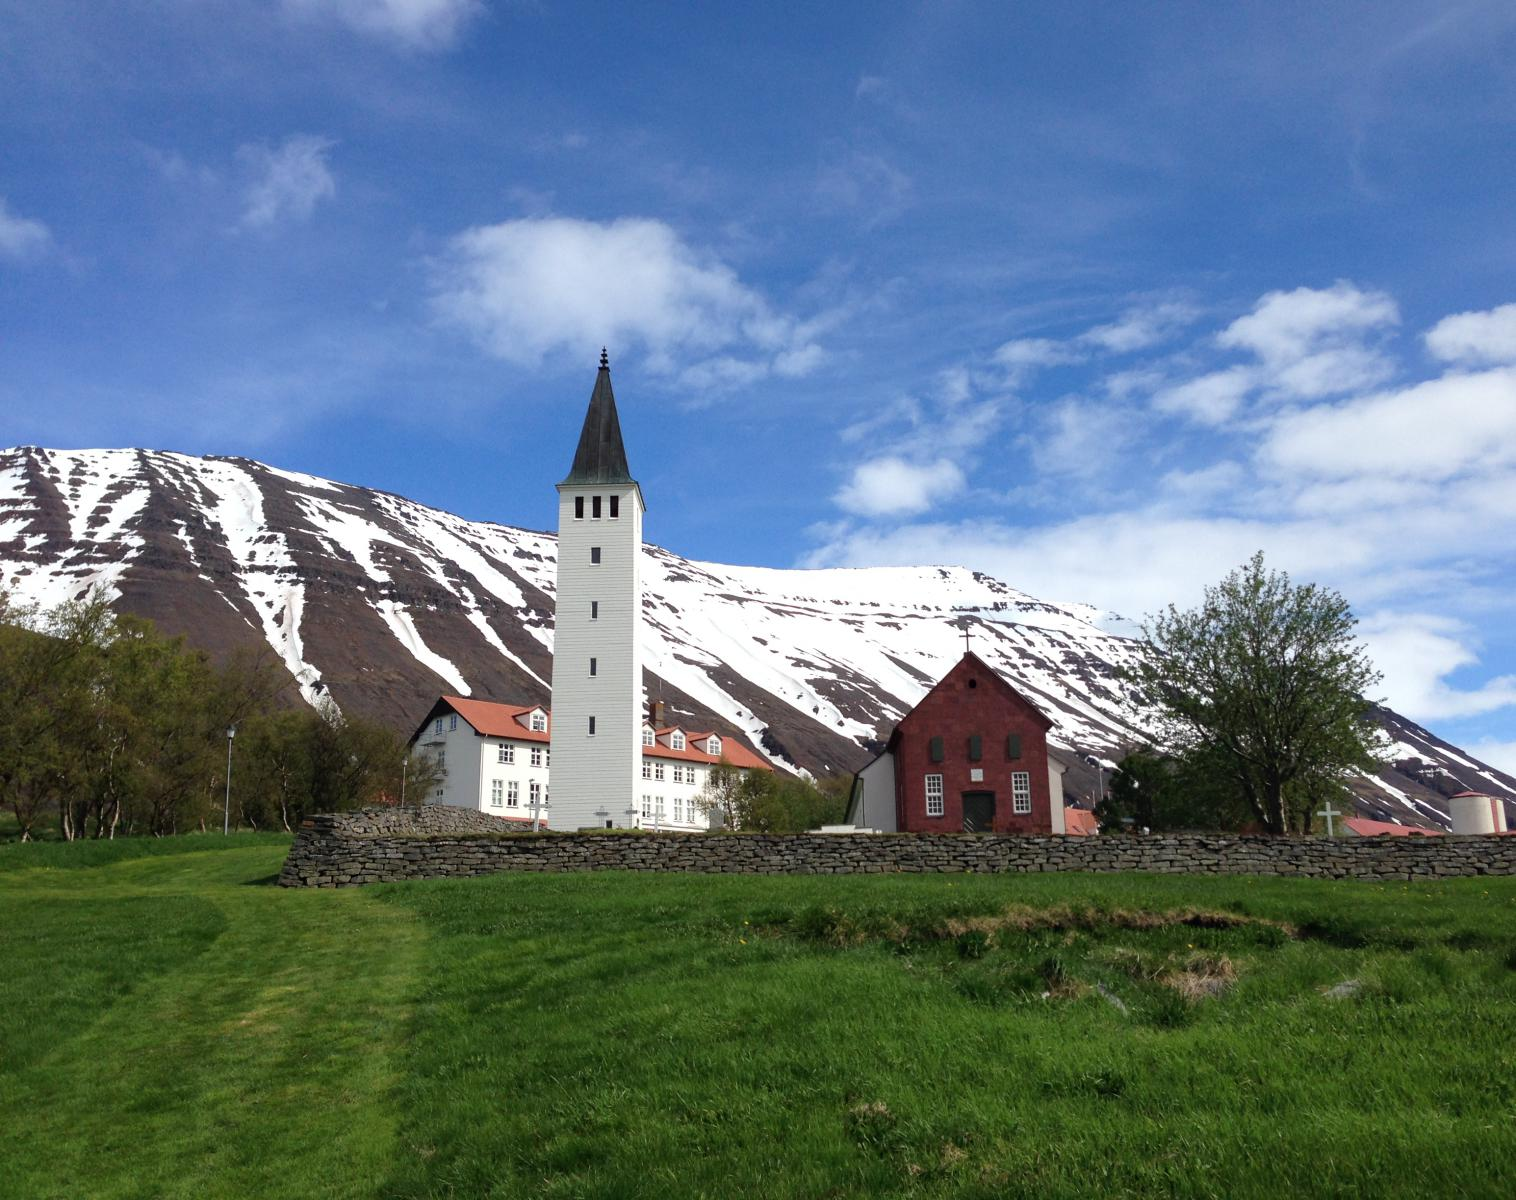 Islande  Solstice d'été et féeries islandaises    Trek & Randonnée Observation nature